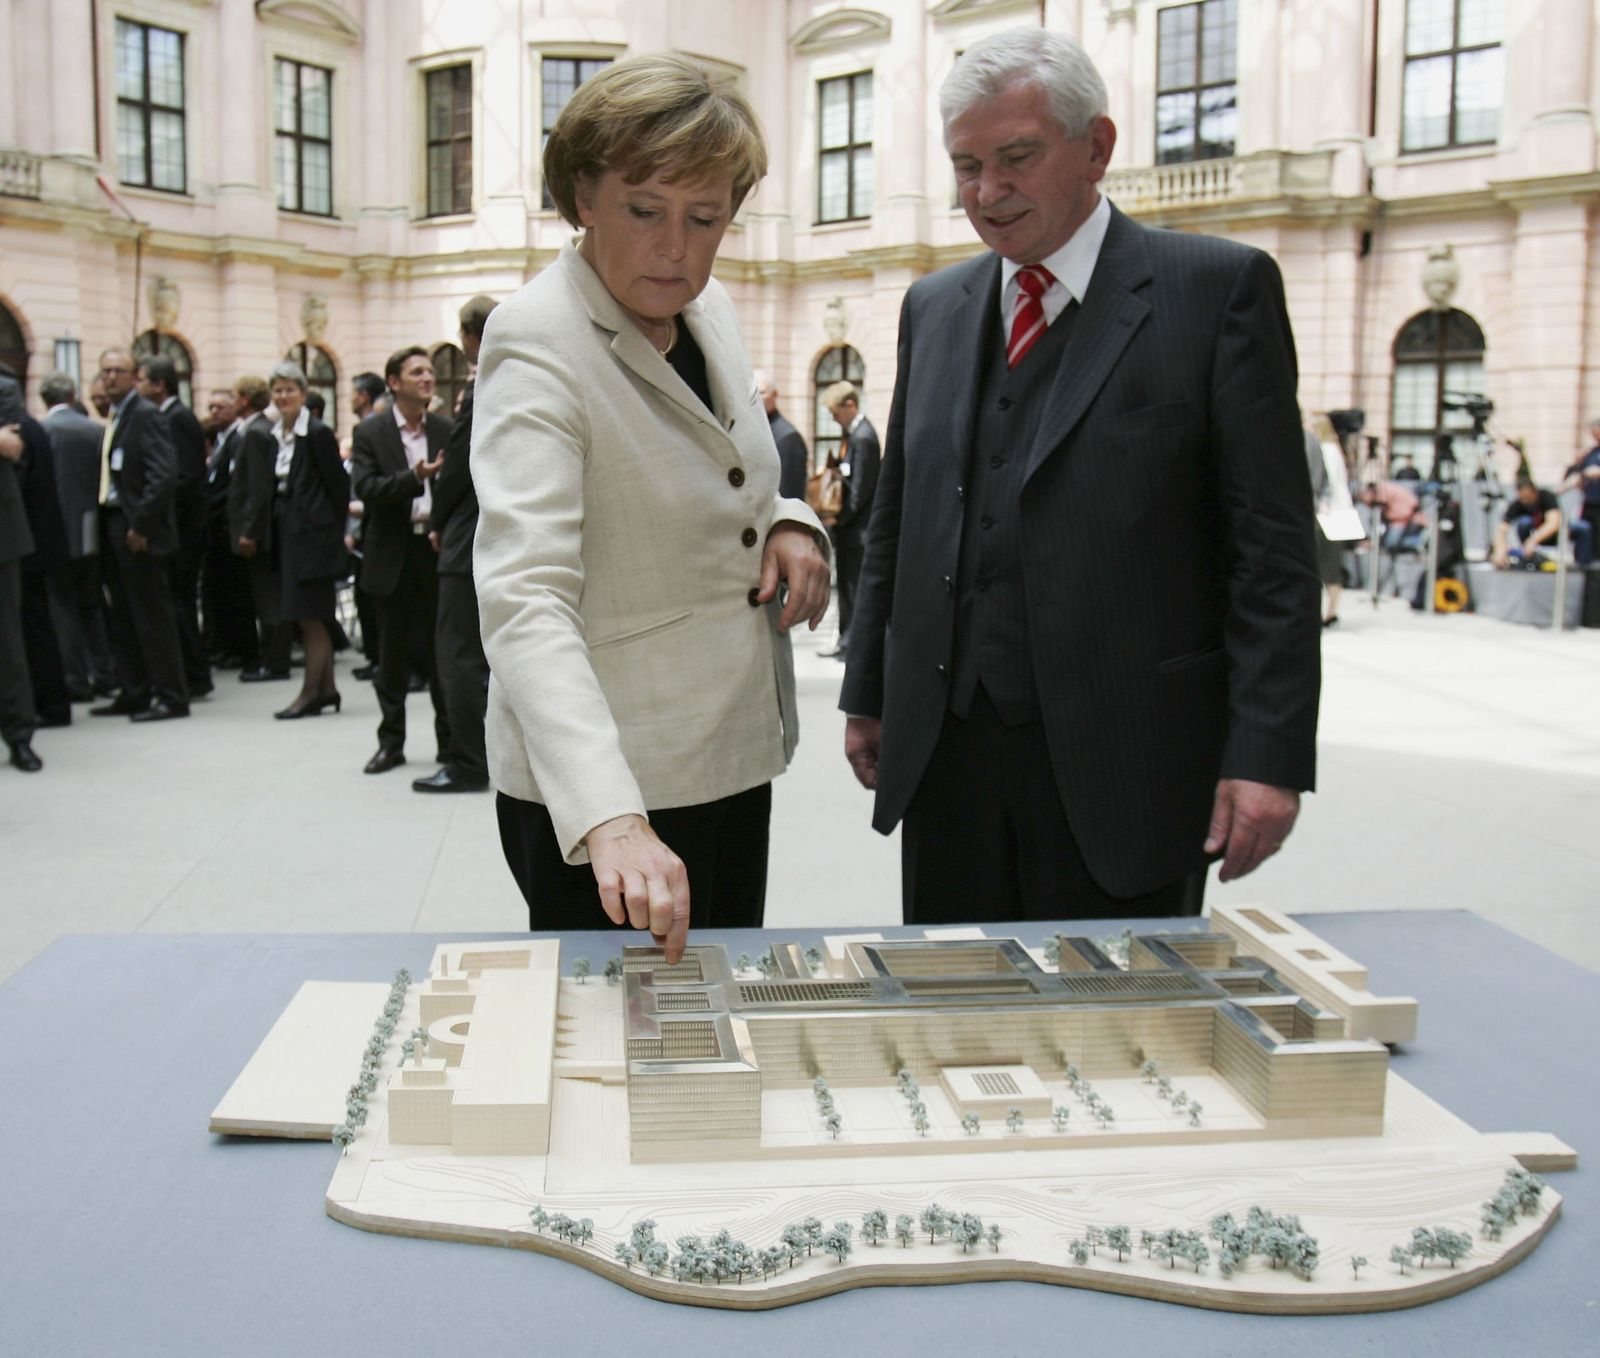 Uhrlau/ Merkel